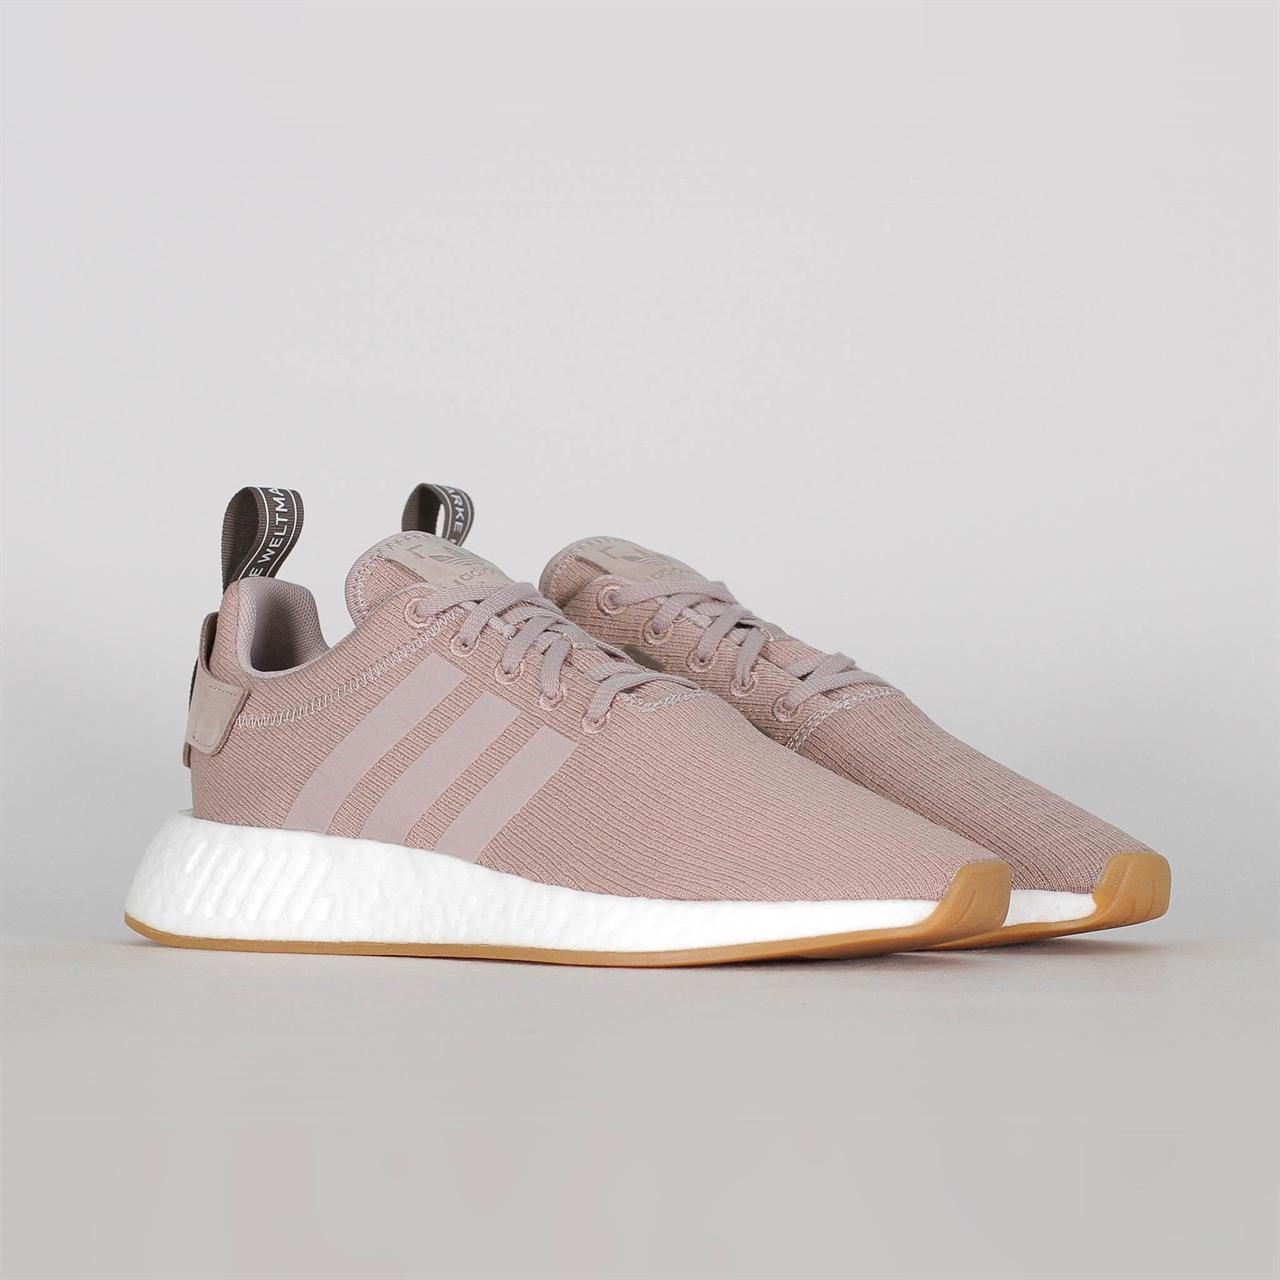 2460c610d2fb8 Shelta - Adidas Originals NMD R2 (CQ2399)